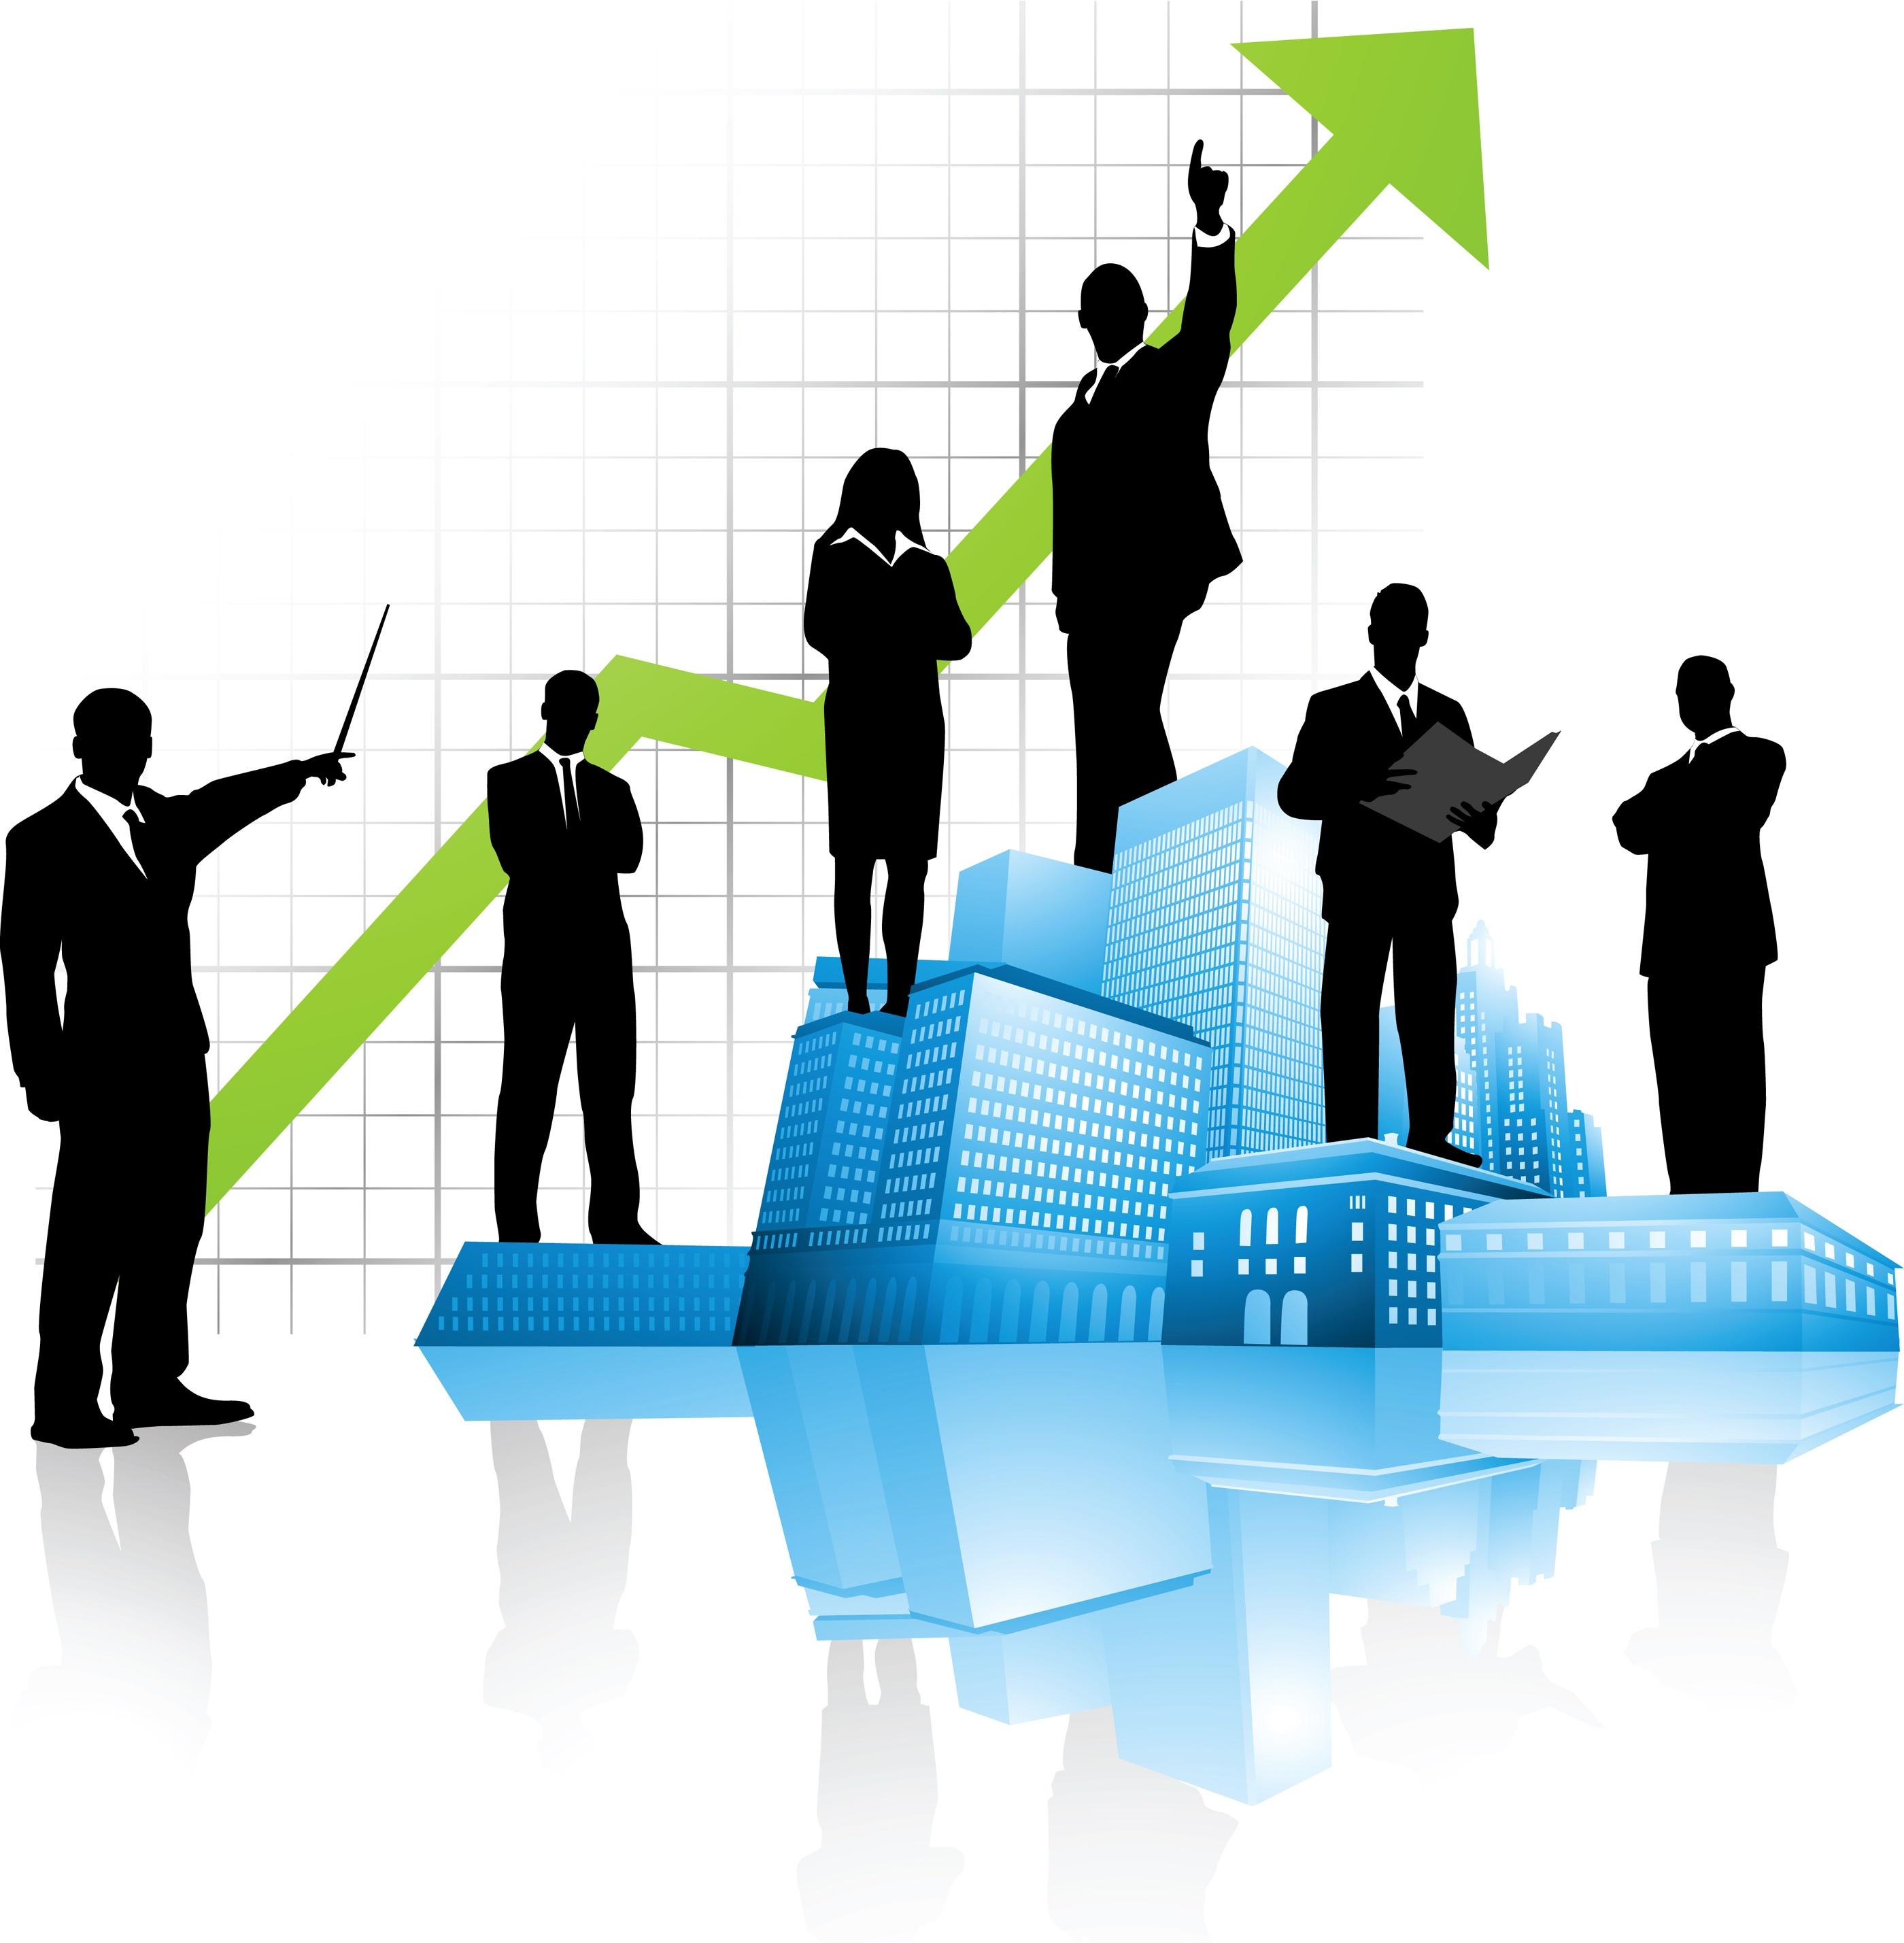 Финансовый менеджмент как форма предпринимательства Финансовая жизнь Финансовый менеджмент как форма предпринимательства